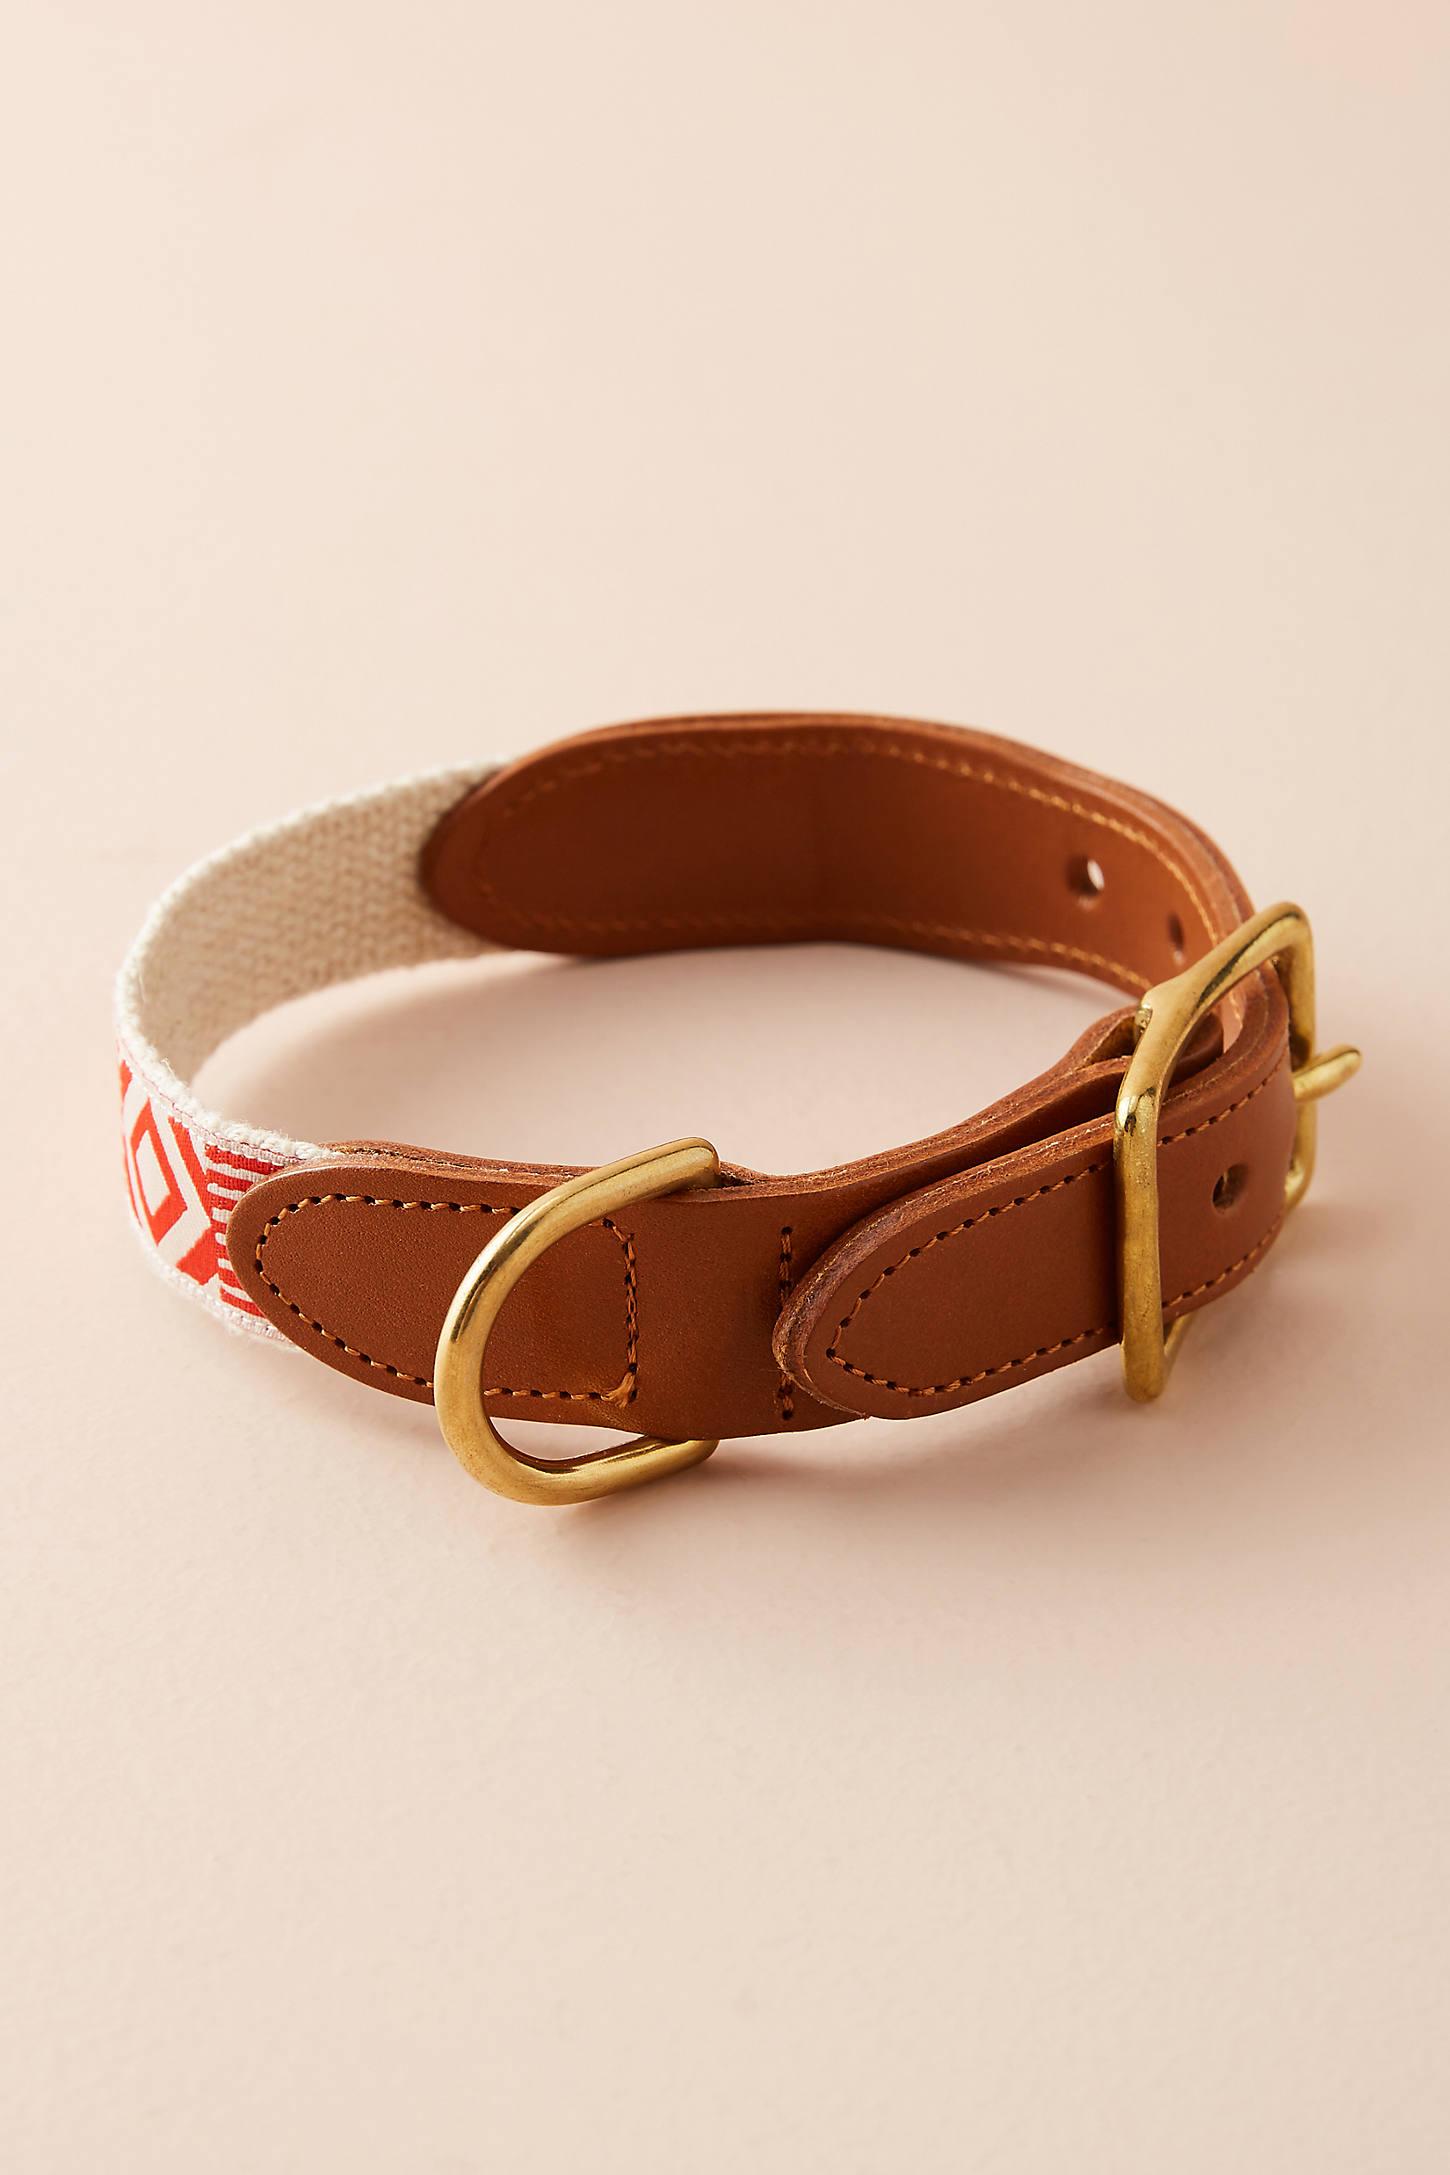 Leather & Hemp Collar